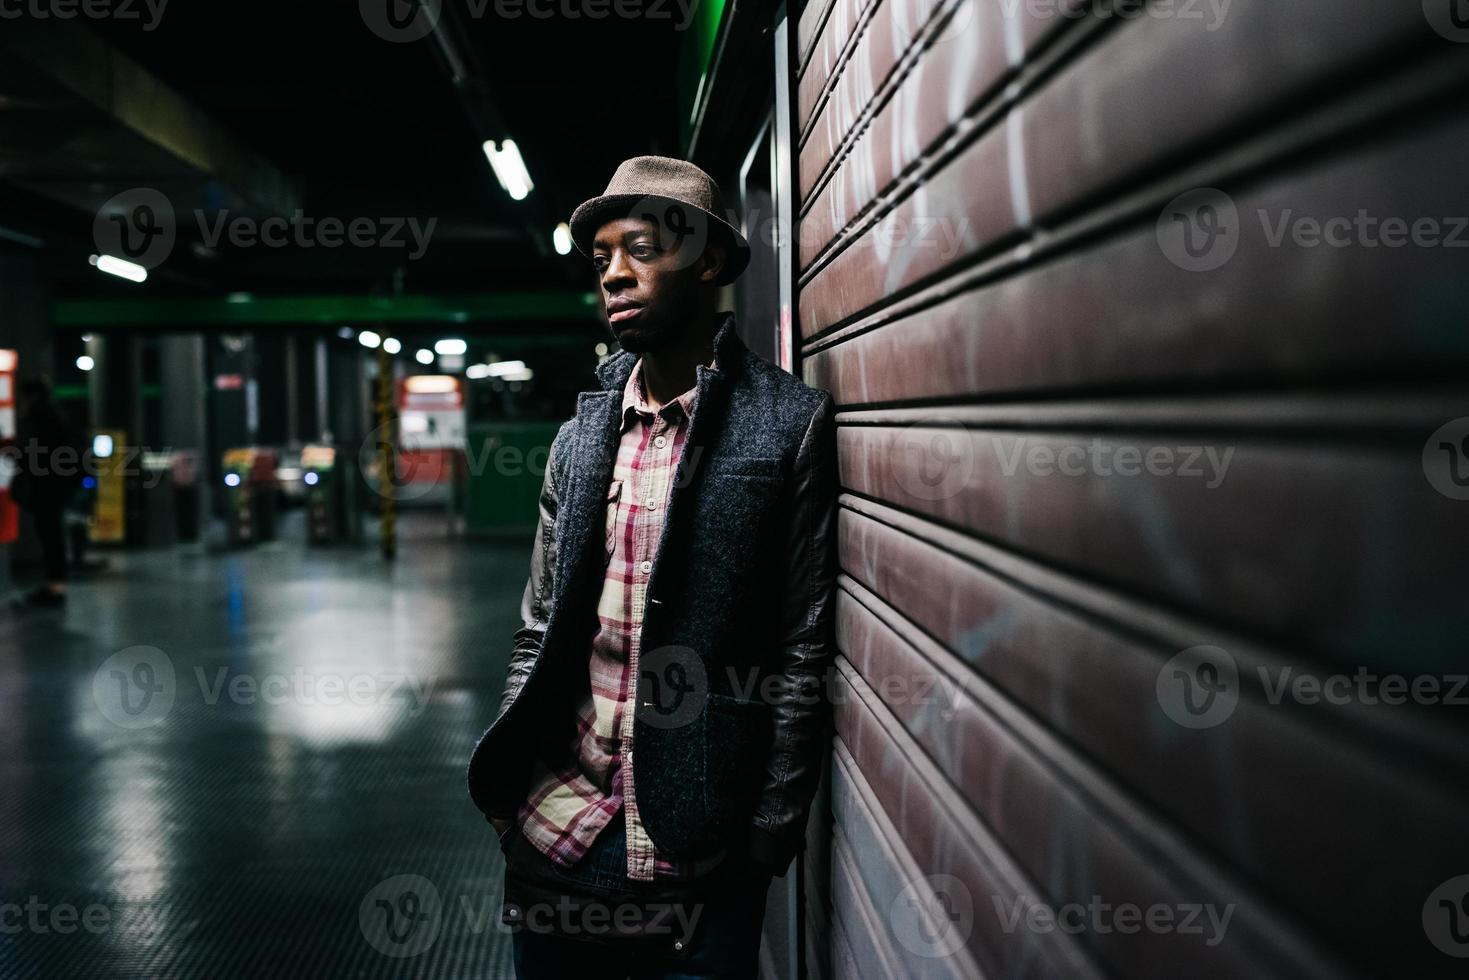 giovane uomo di colore afro bello foto